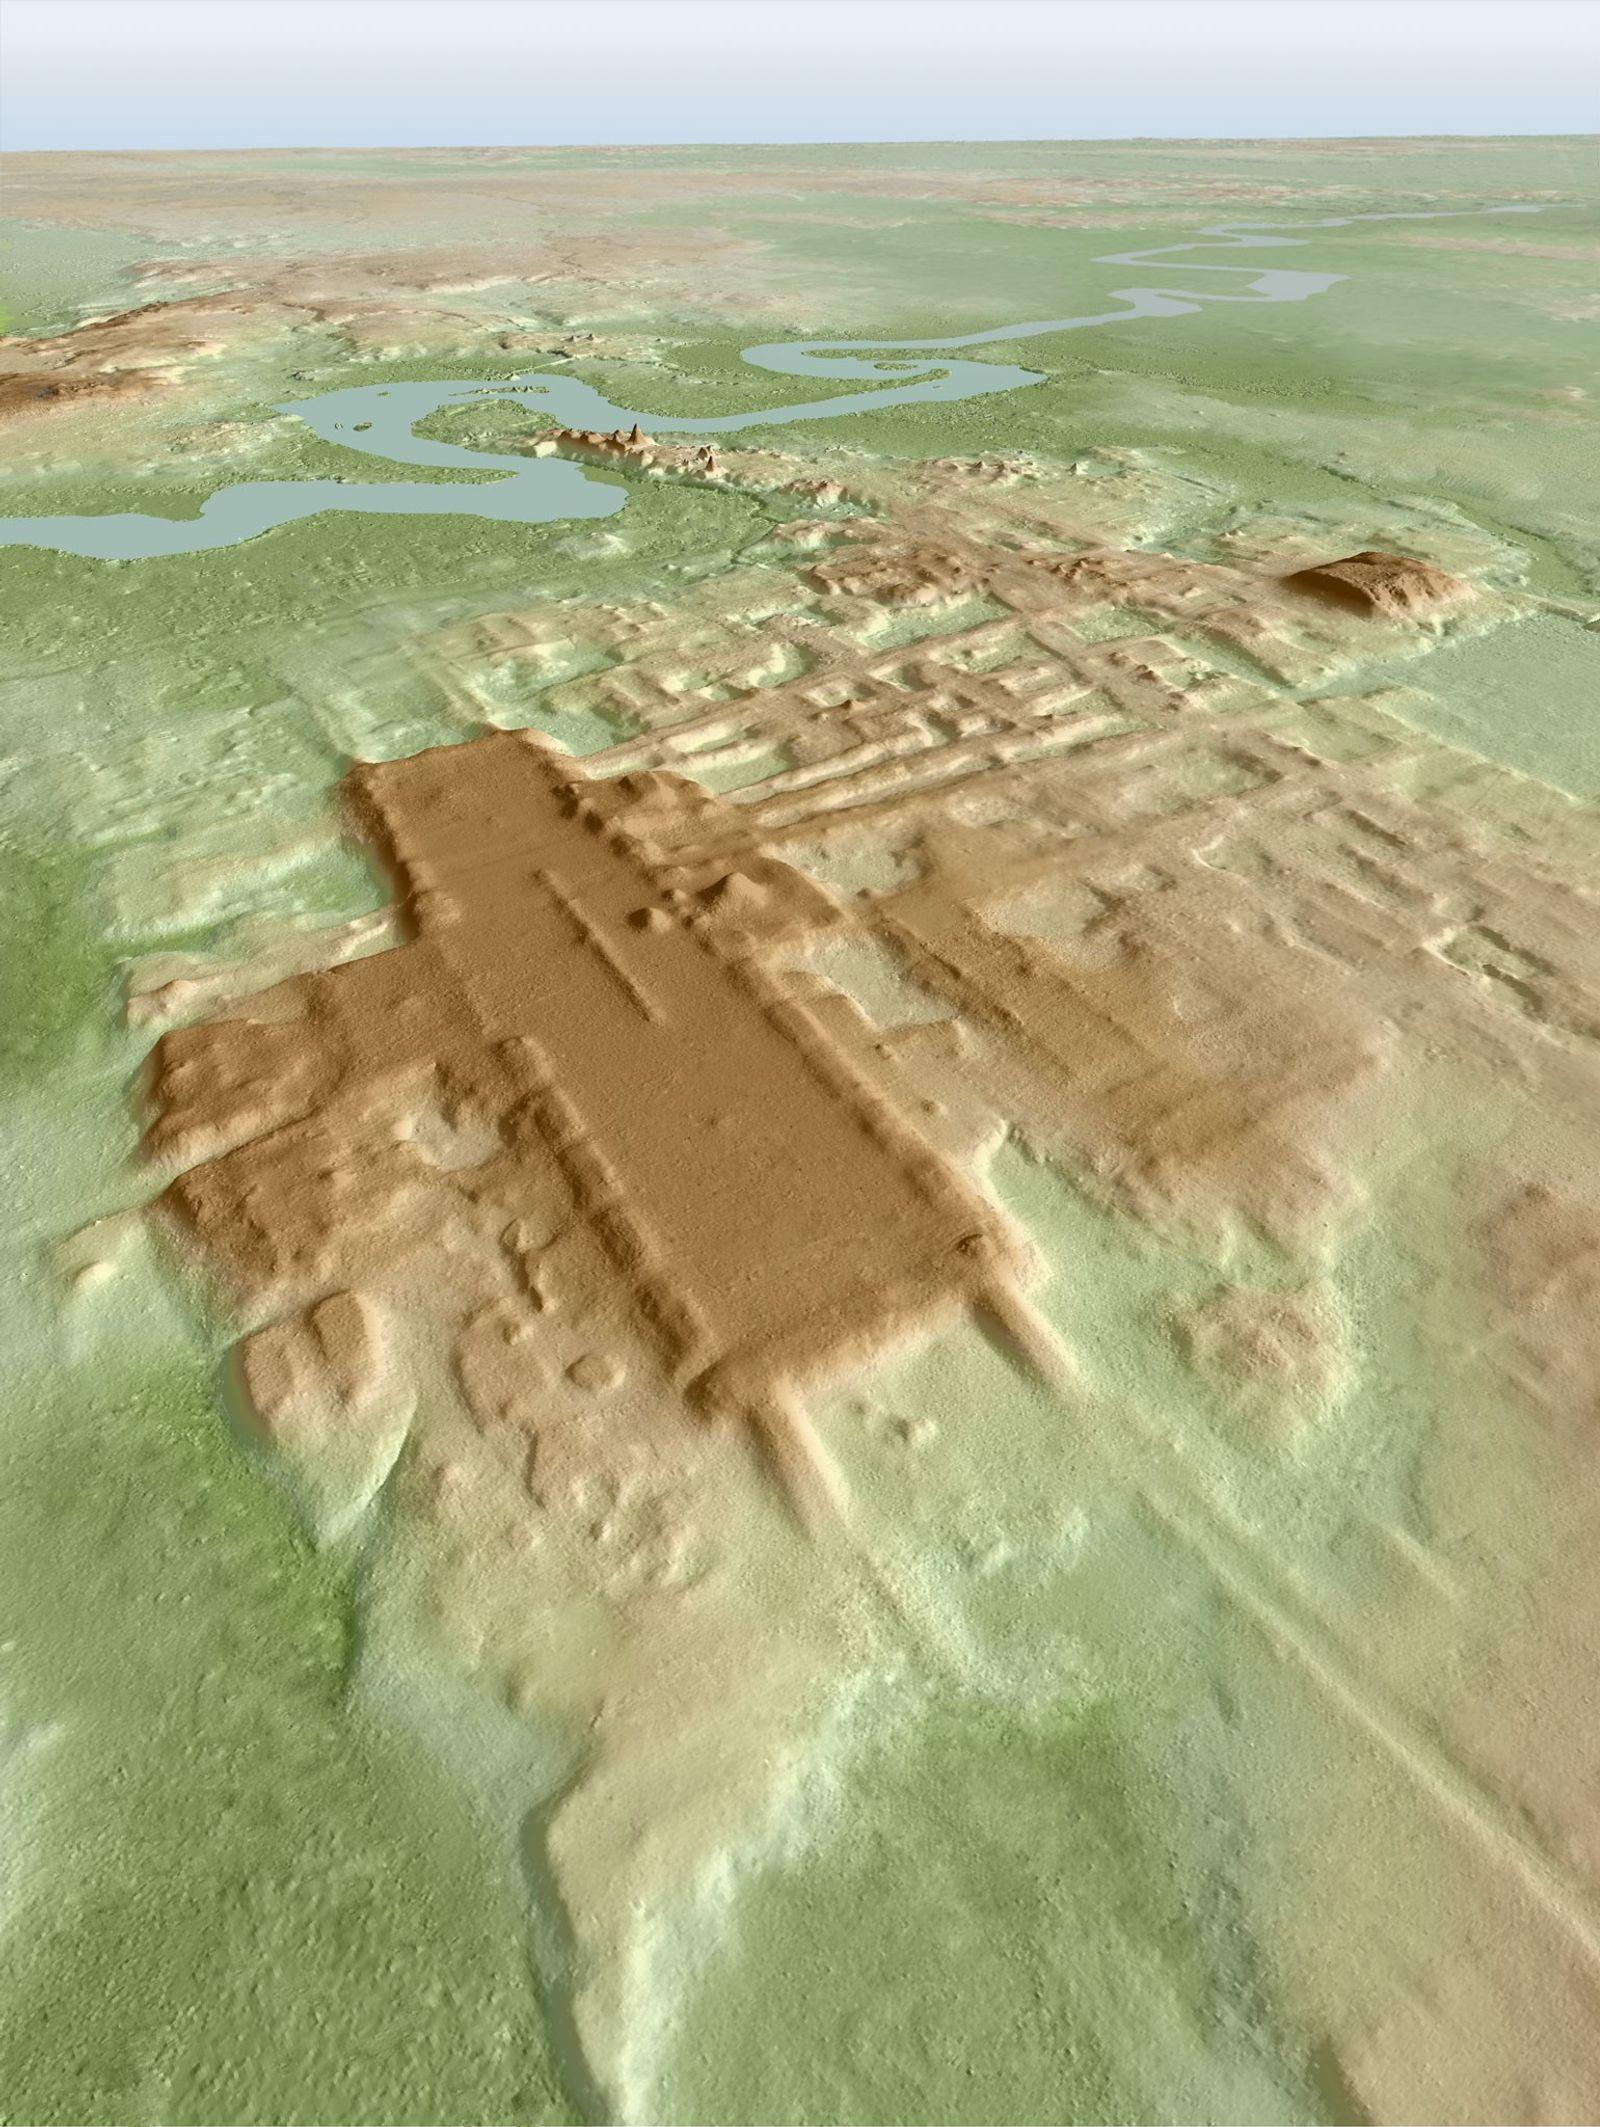 Mexique : découverte d'un complexe maya vieux de plus de 3 000 ans